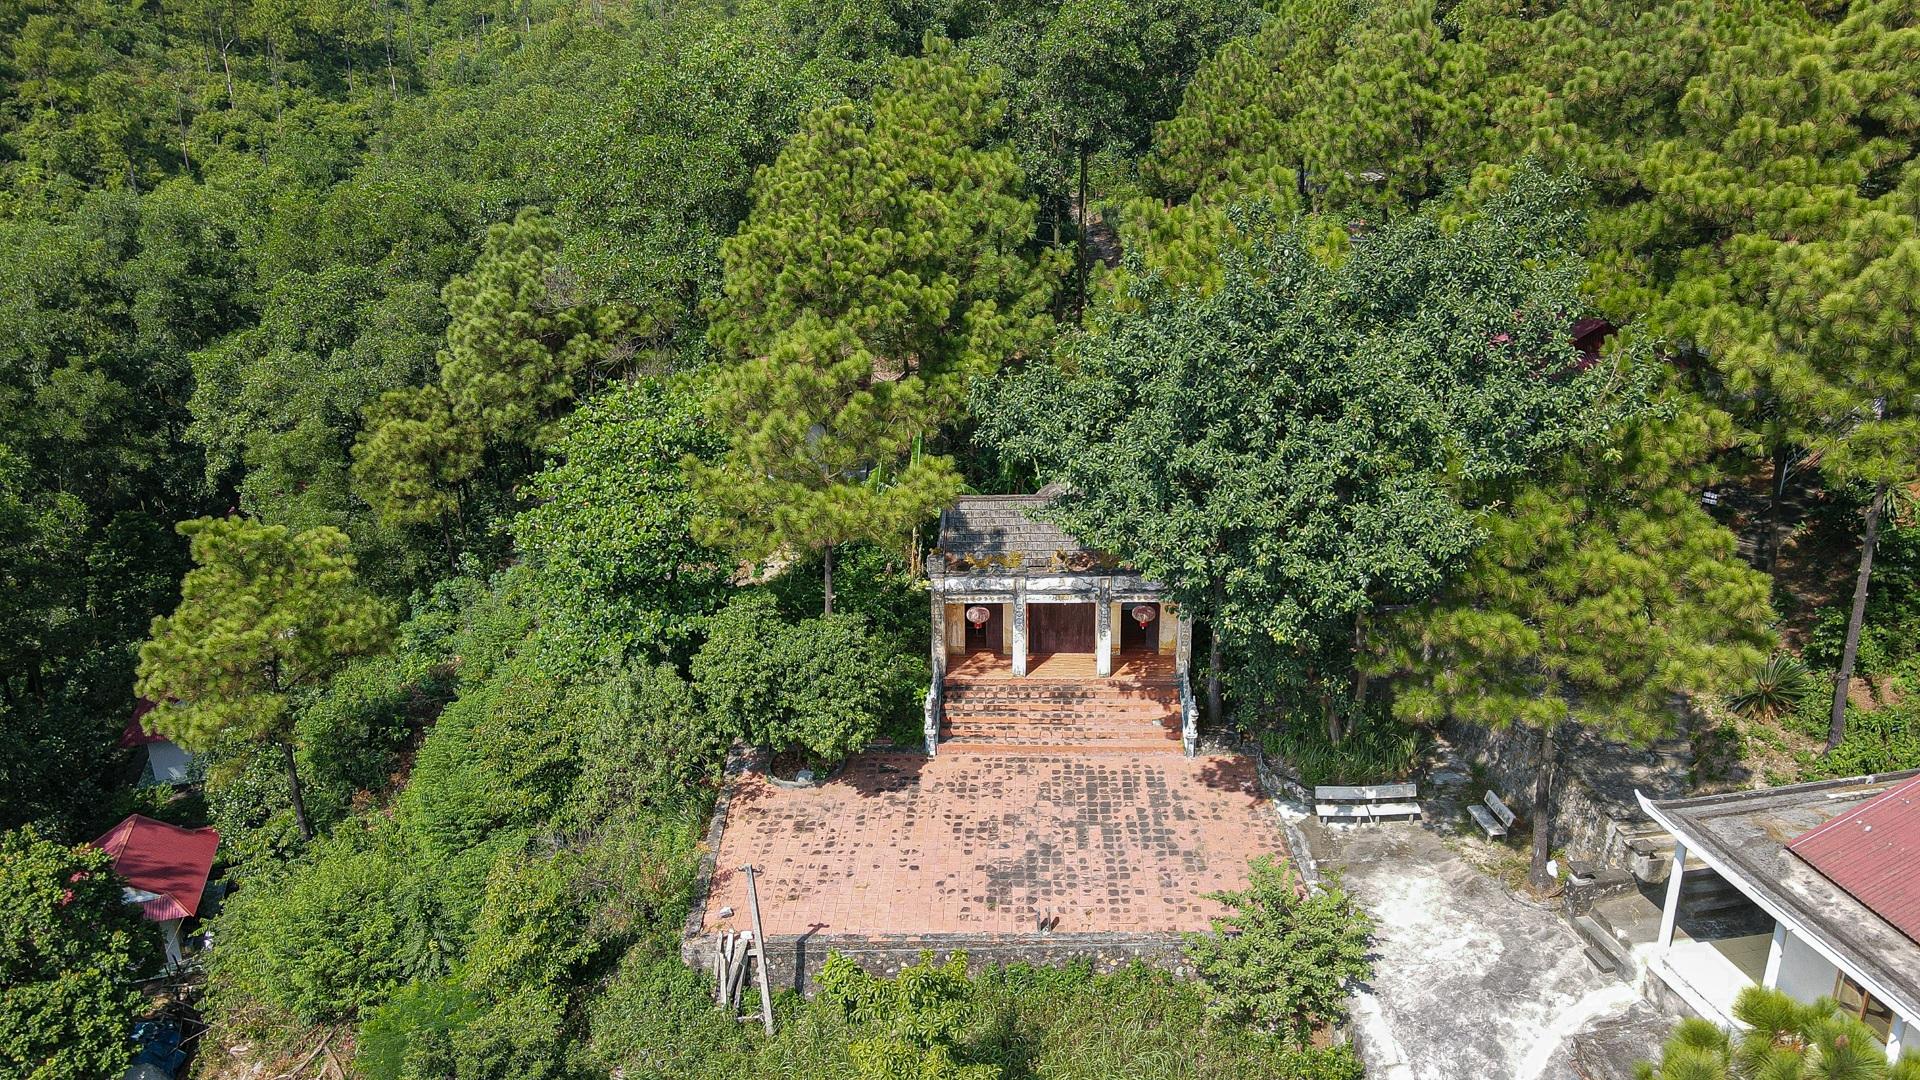 Chùa, quán Ngọc Thanh - nơi Nguyễn Trãi làm bài thơ nổi tiếng muôn đời - 15